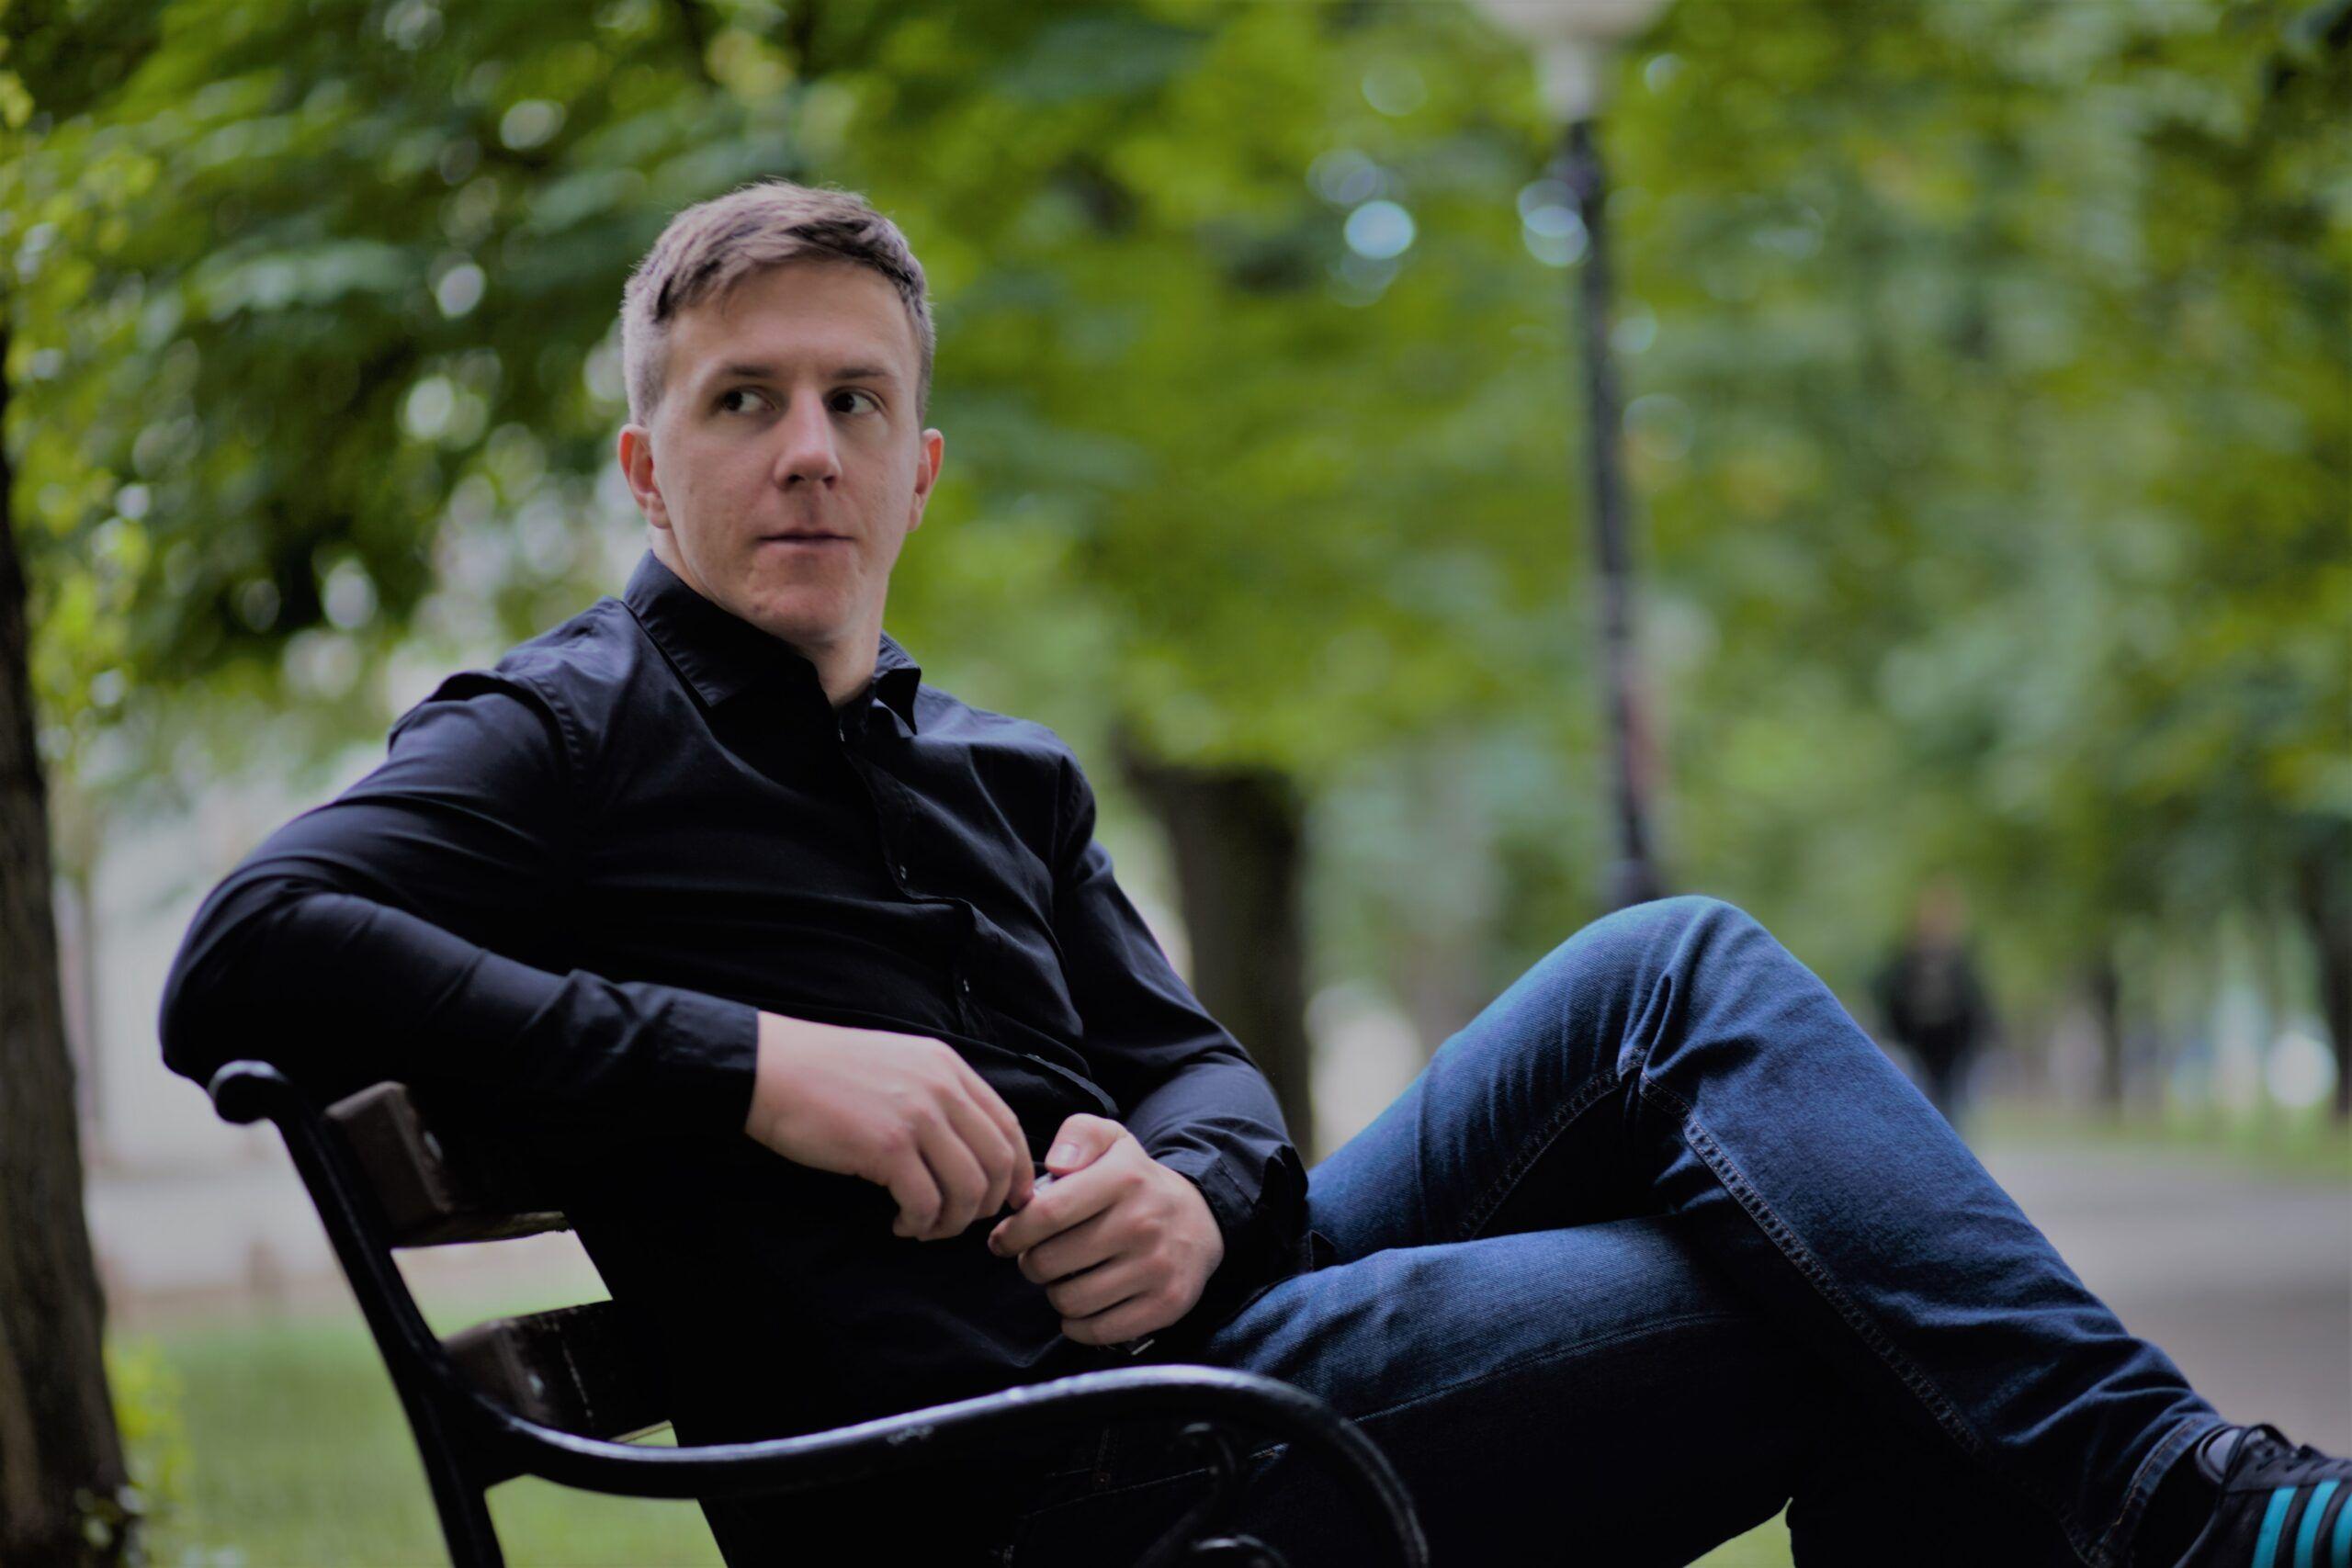 Paško Vukasović: Kroz 'Igru uma' htjeli smo prije svega potaknuti publiku na toliko potrebno kritičko promišljanje